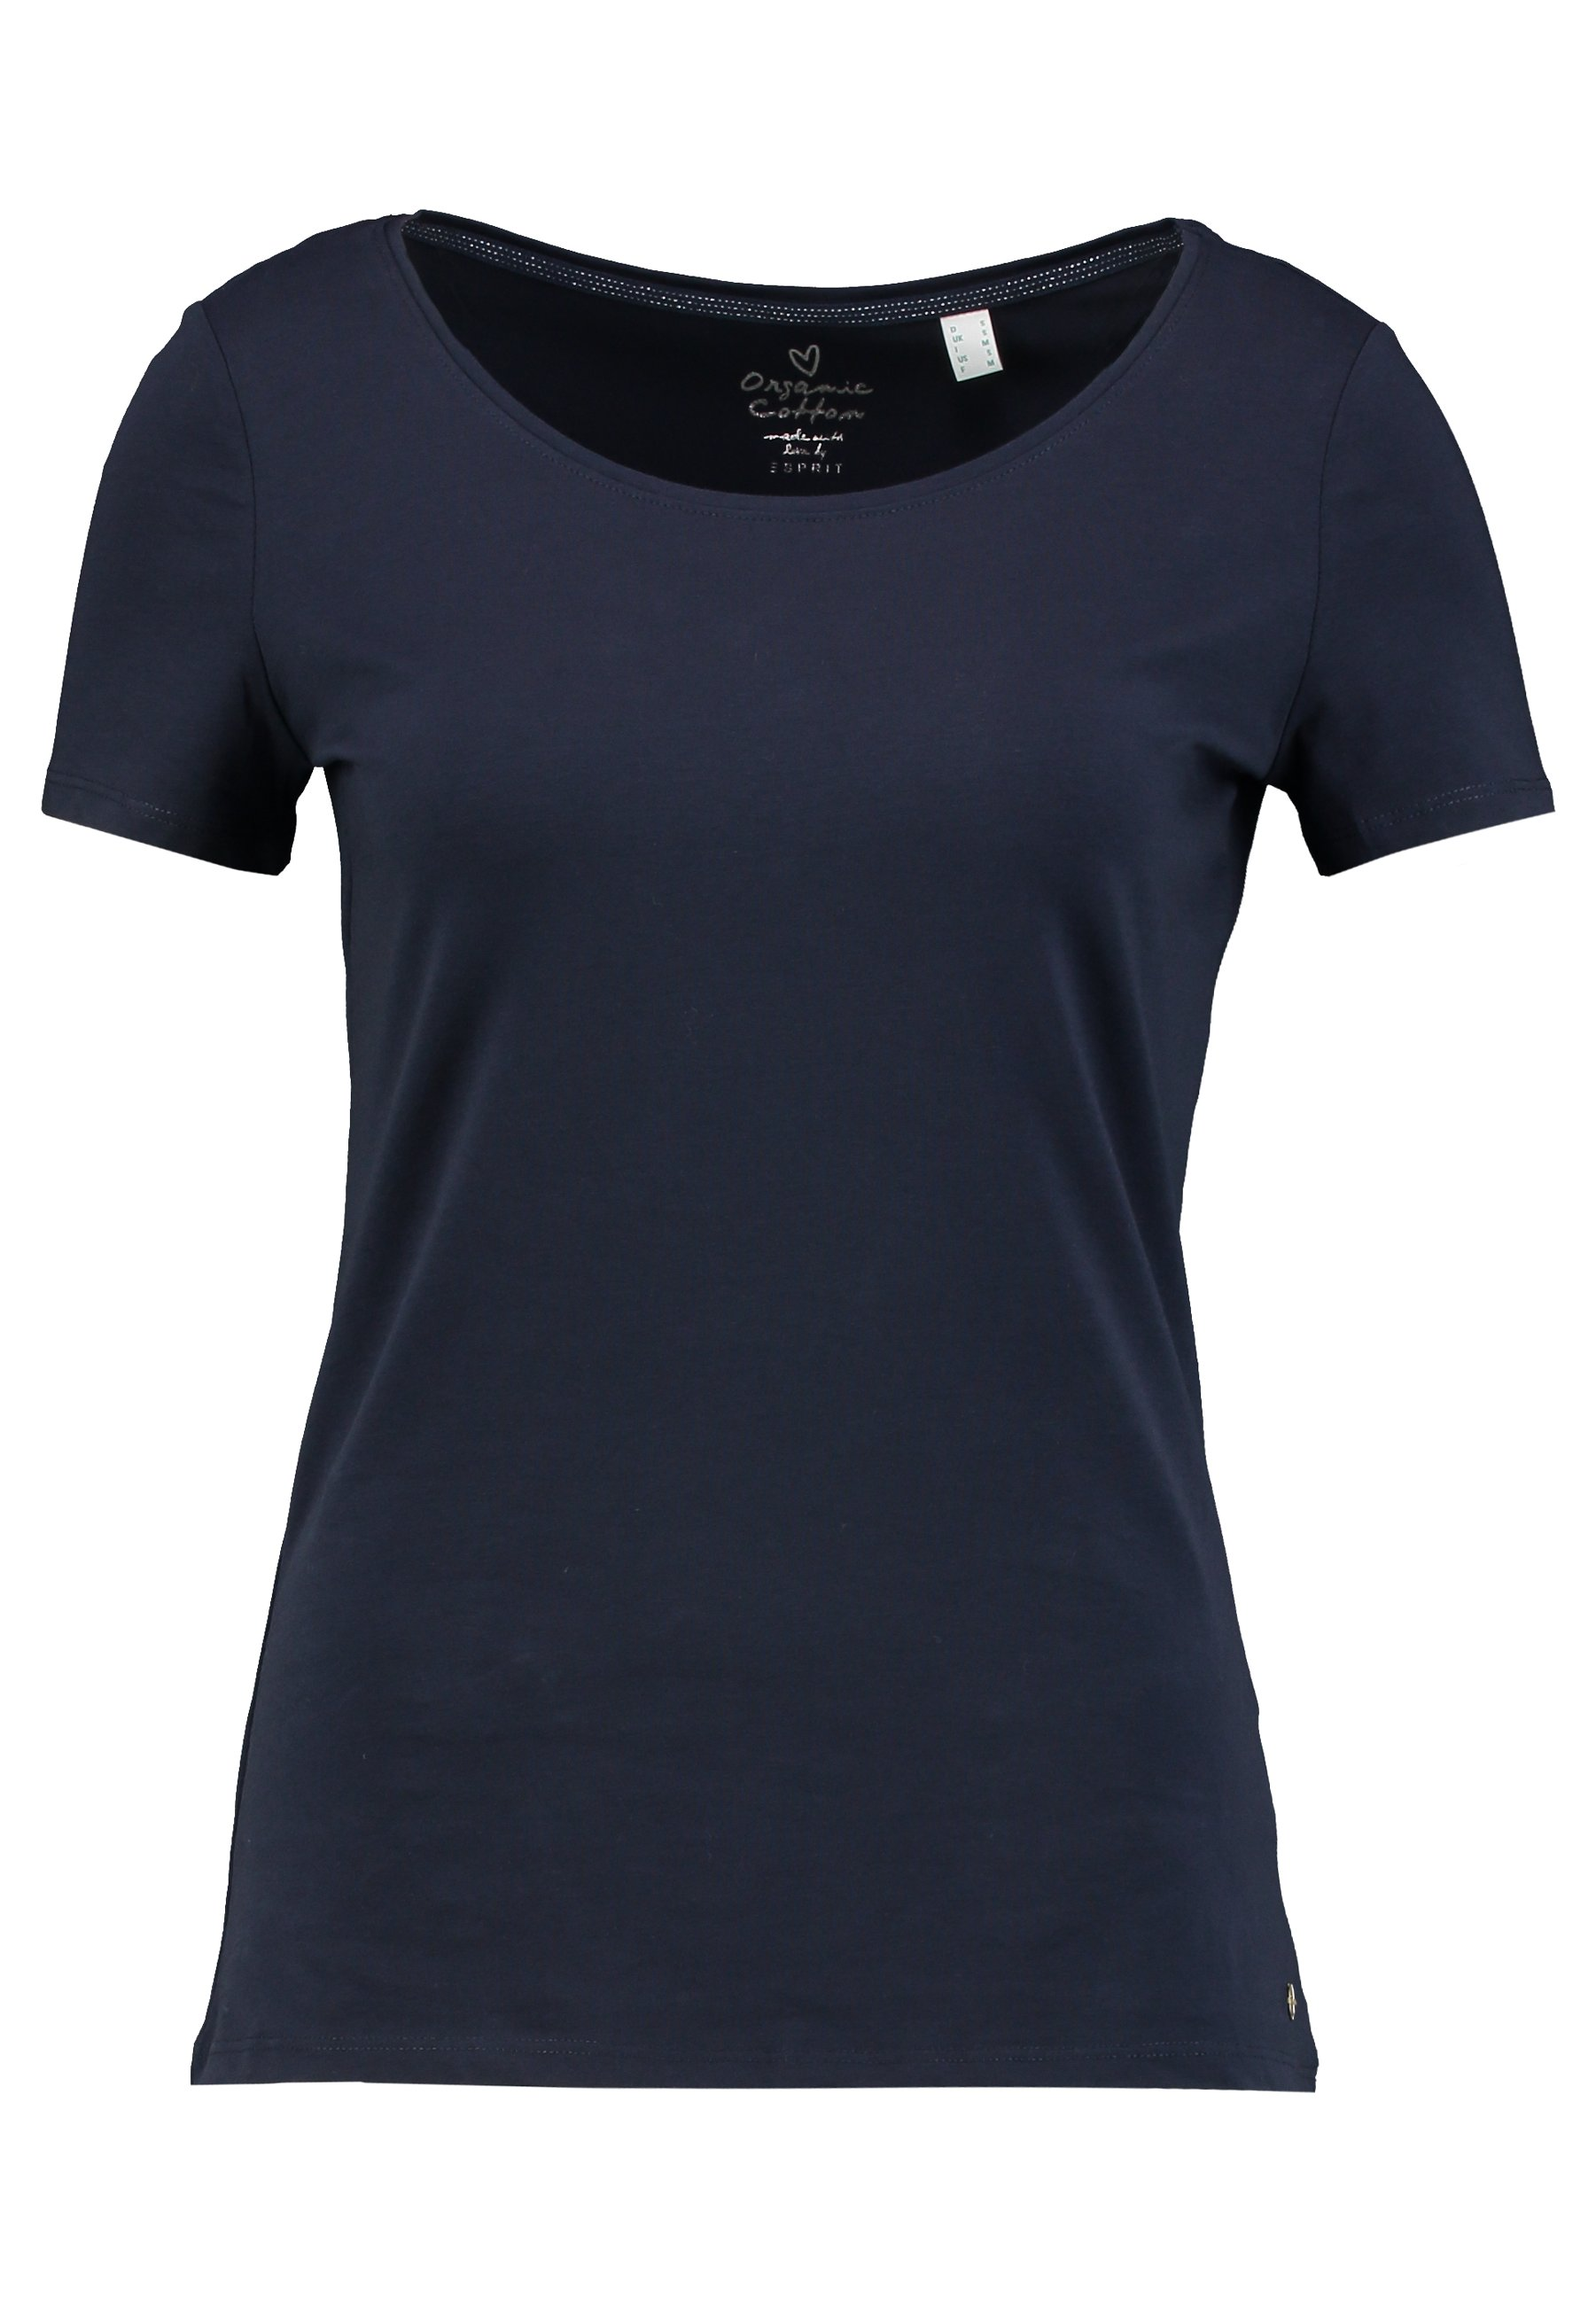 Esprit CORE  - T-shirts basic - navy -  gsuie